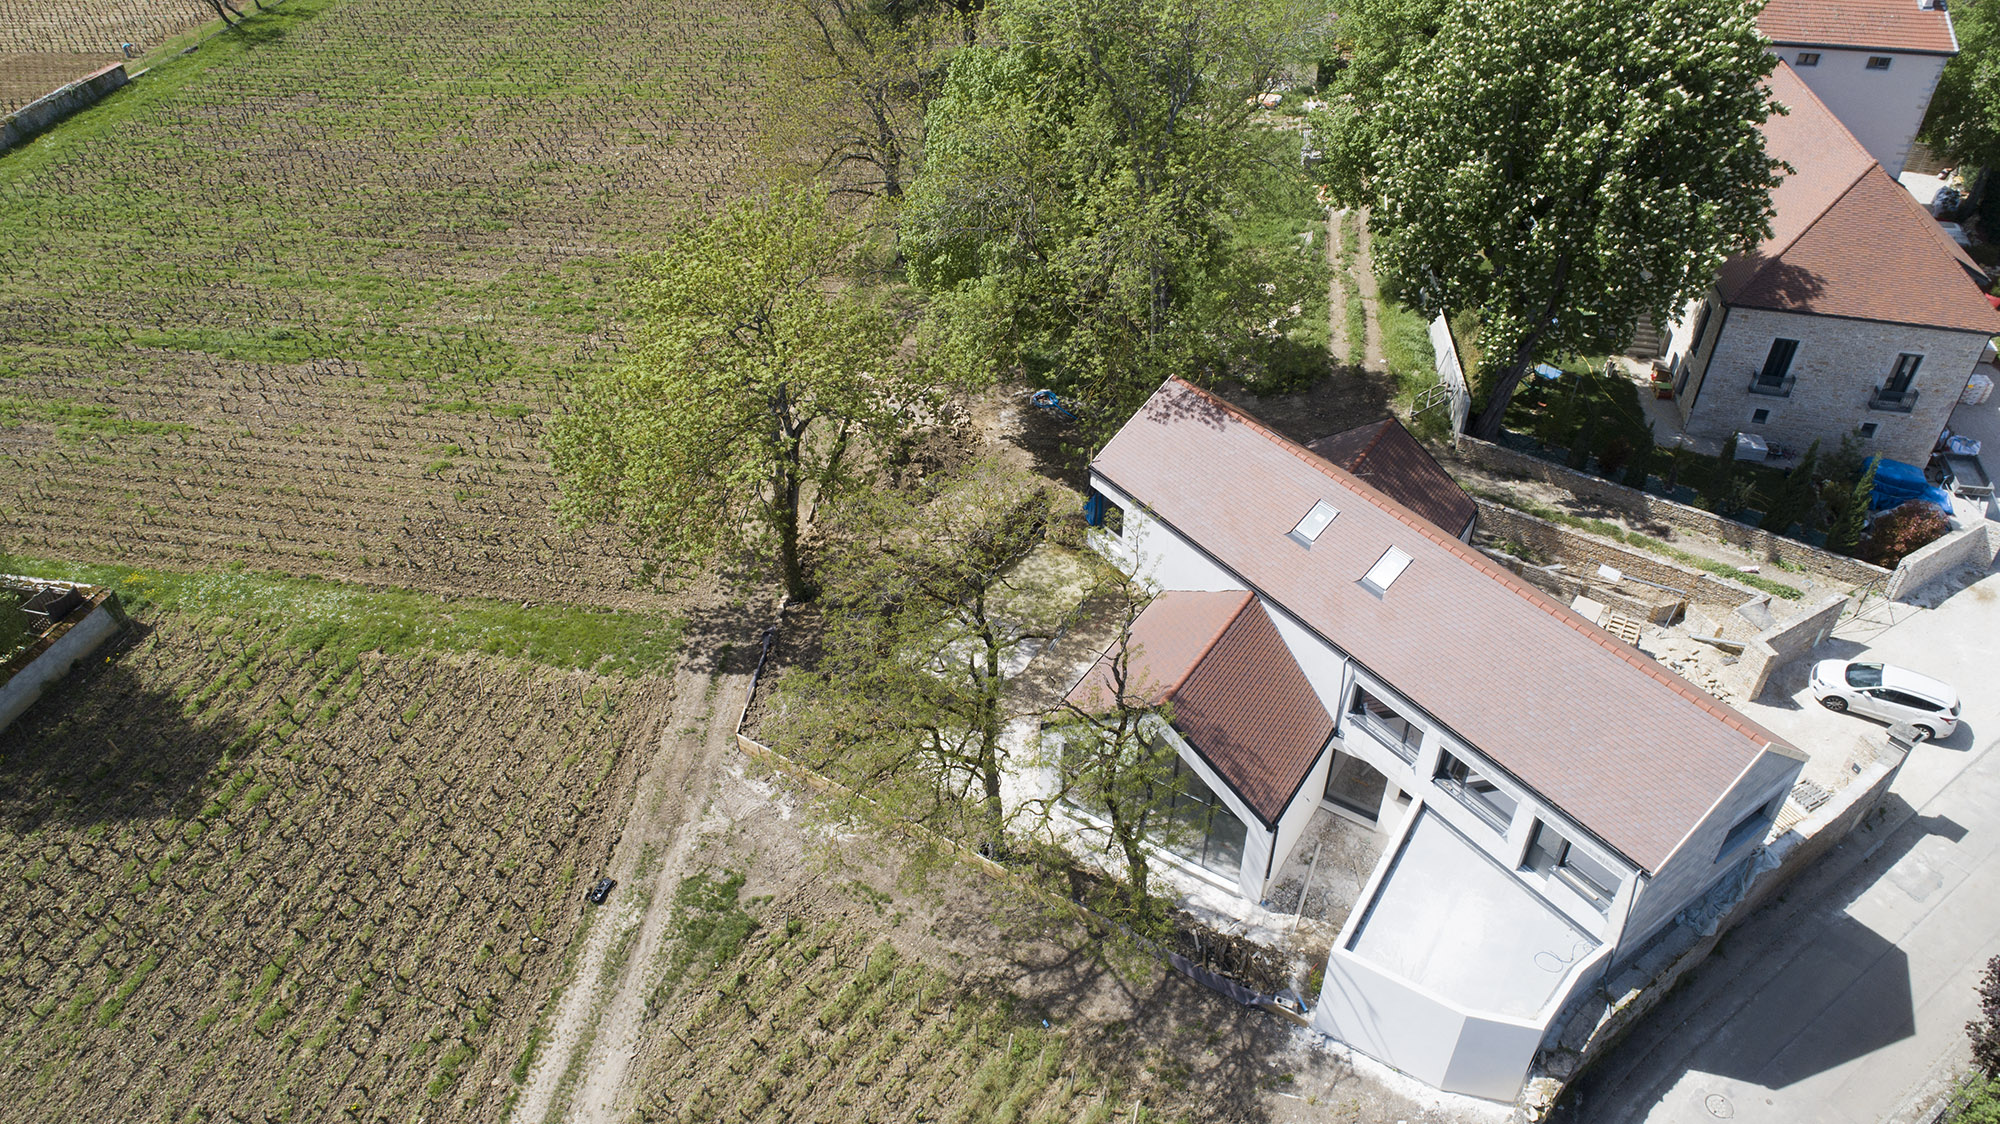 Chouette-architecture-villa-Fixin-2000-12